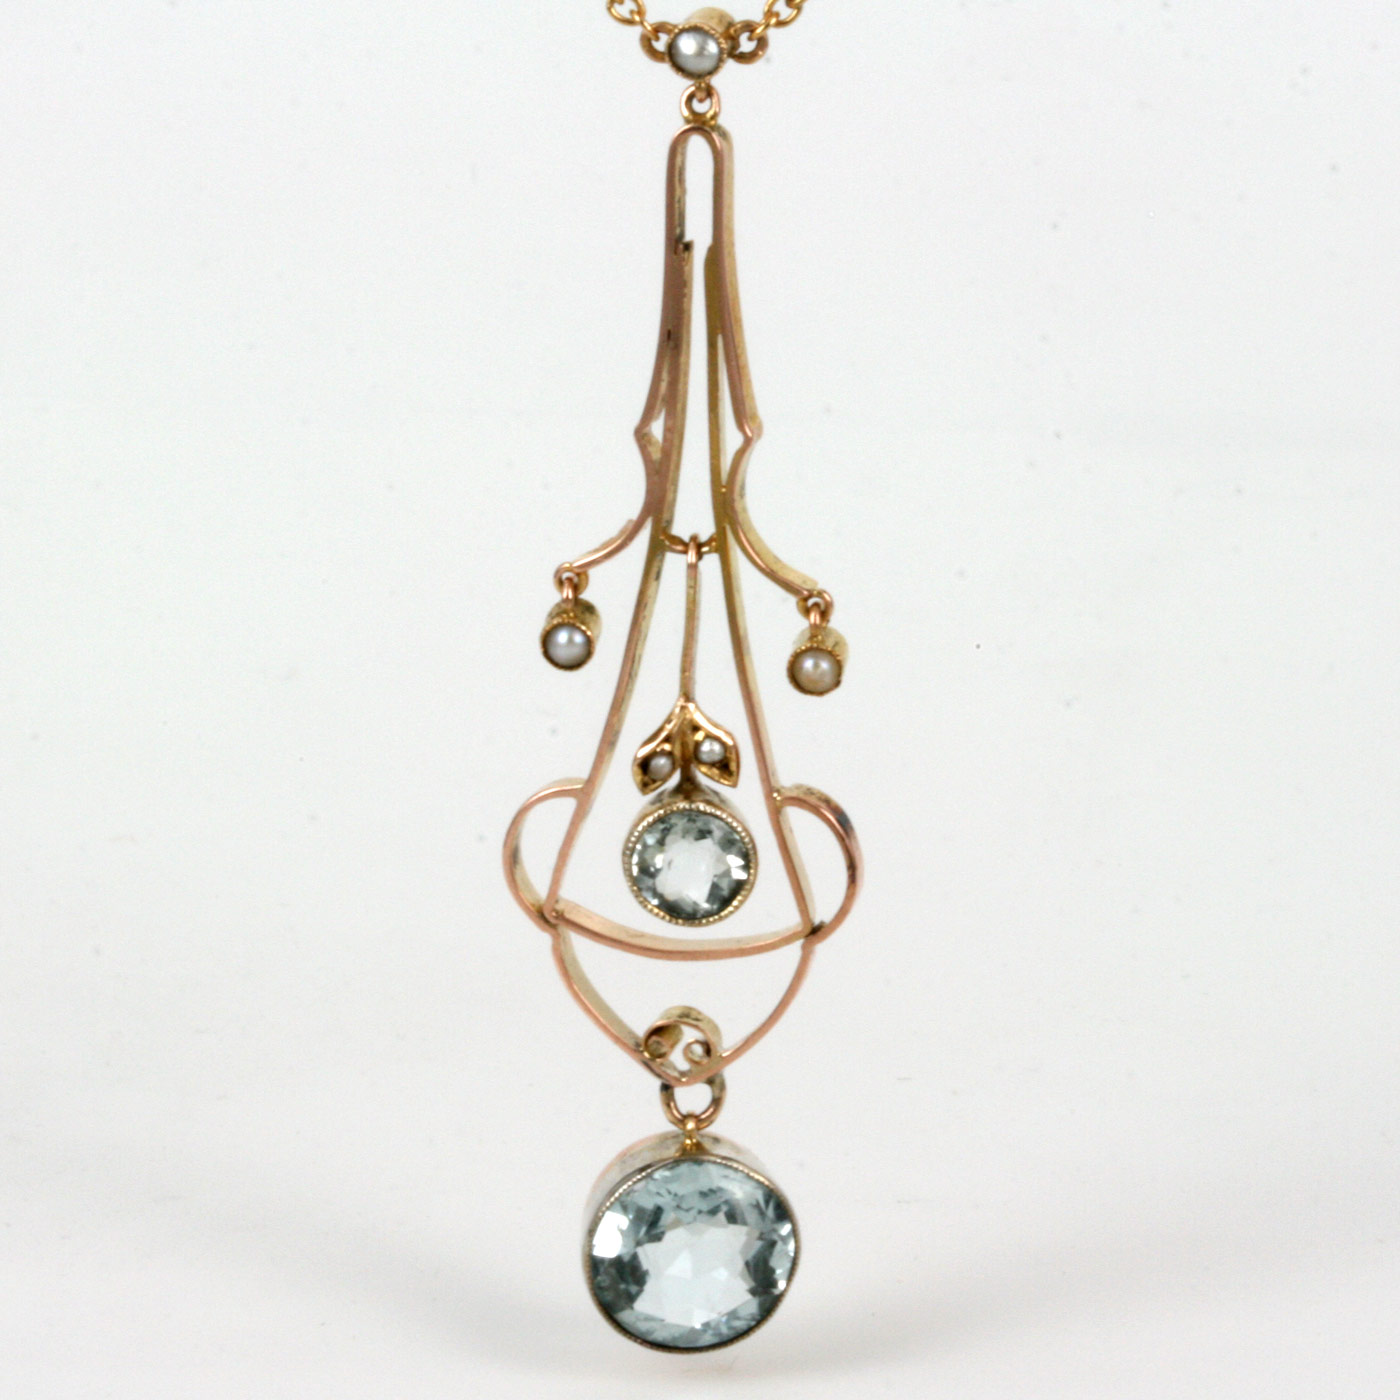 Buy Antique Edwardian Era Aquamarine And Pearl Necklace